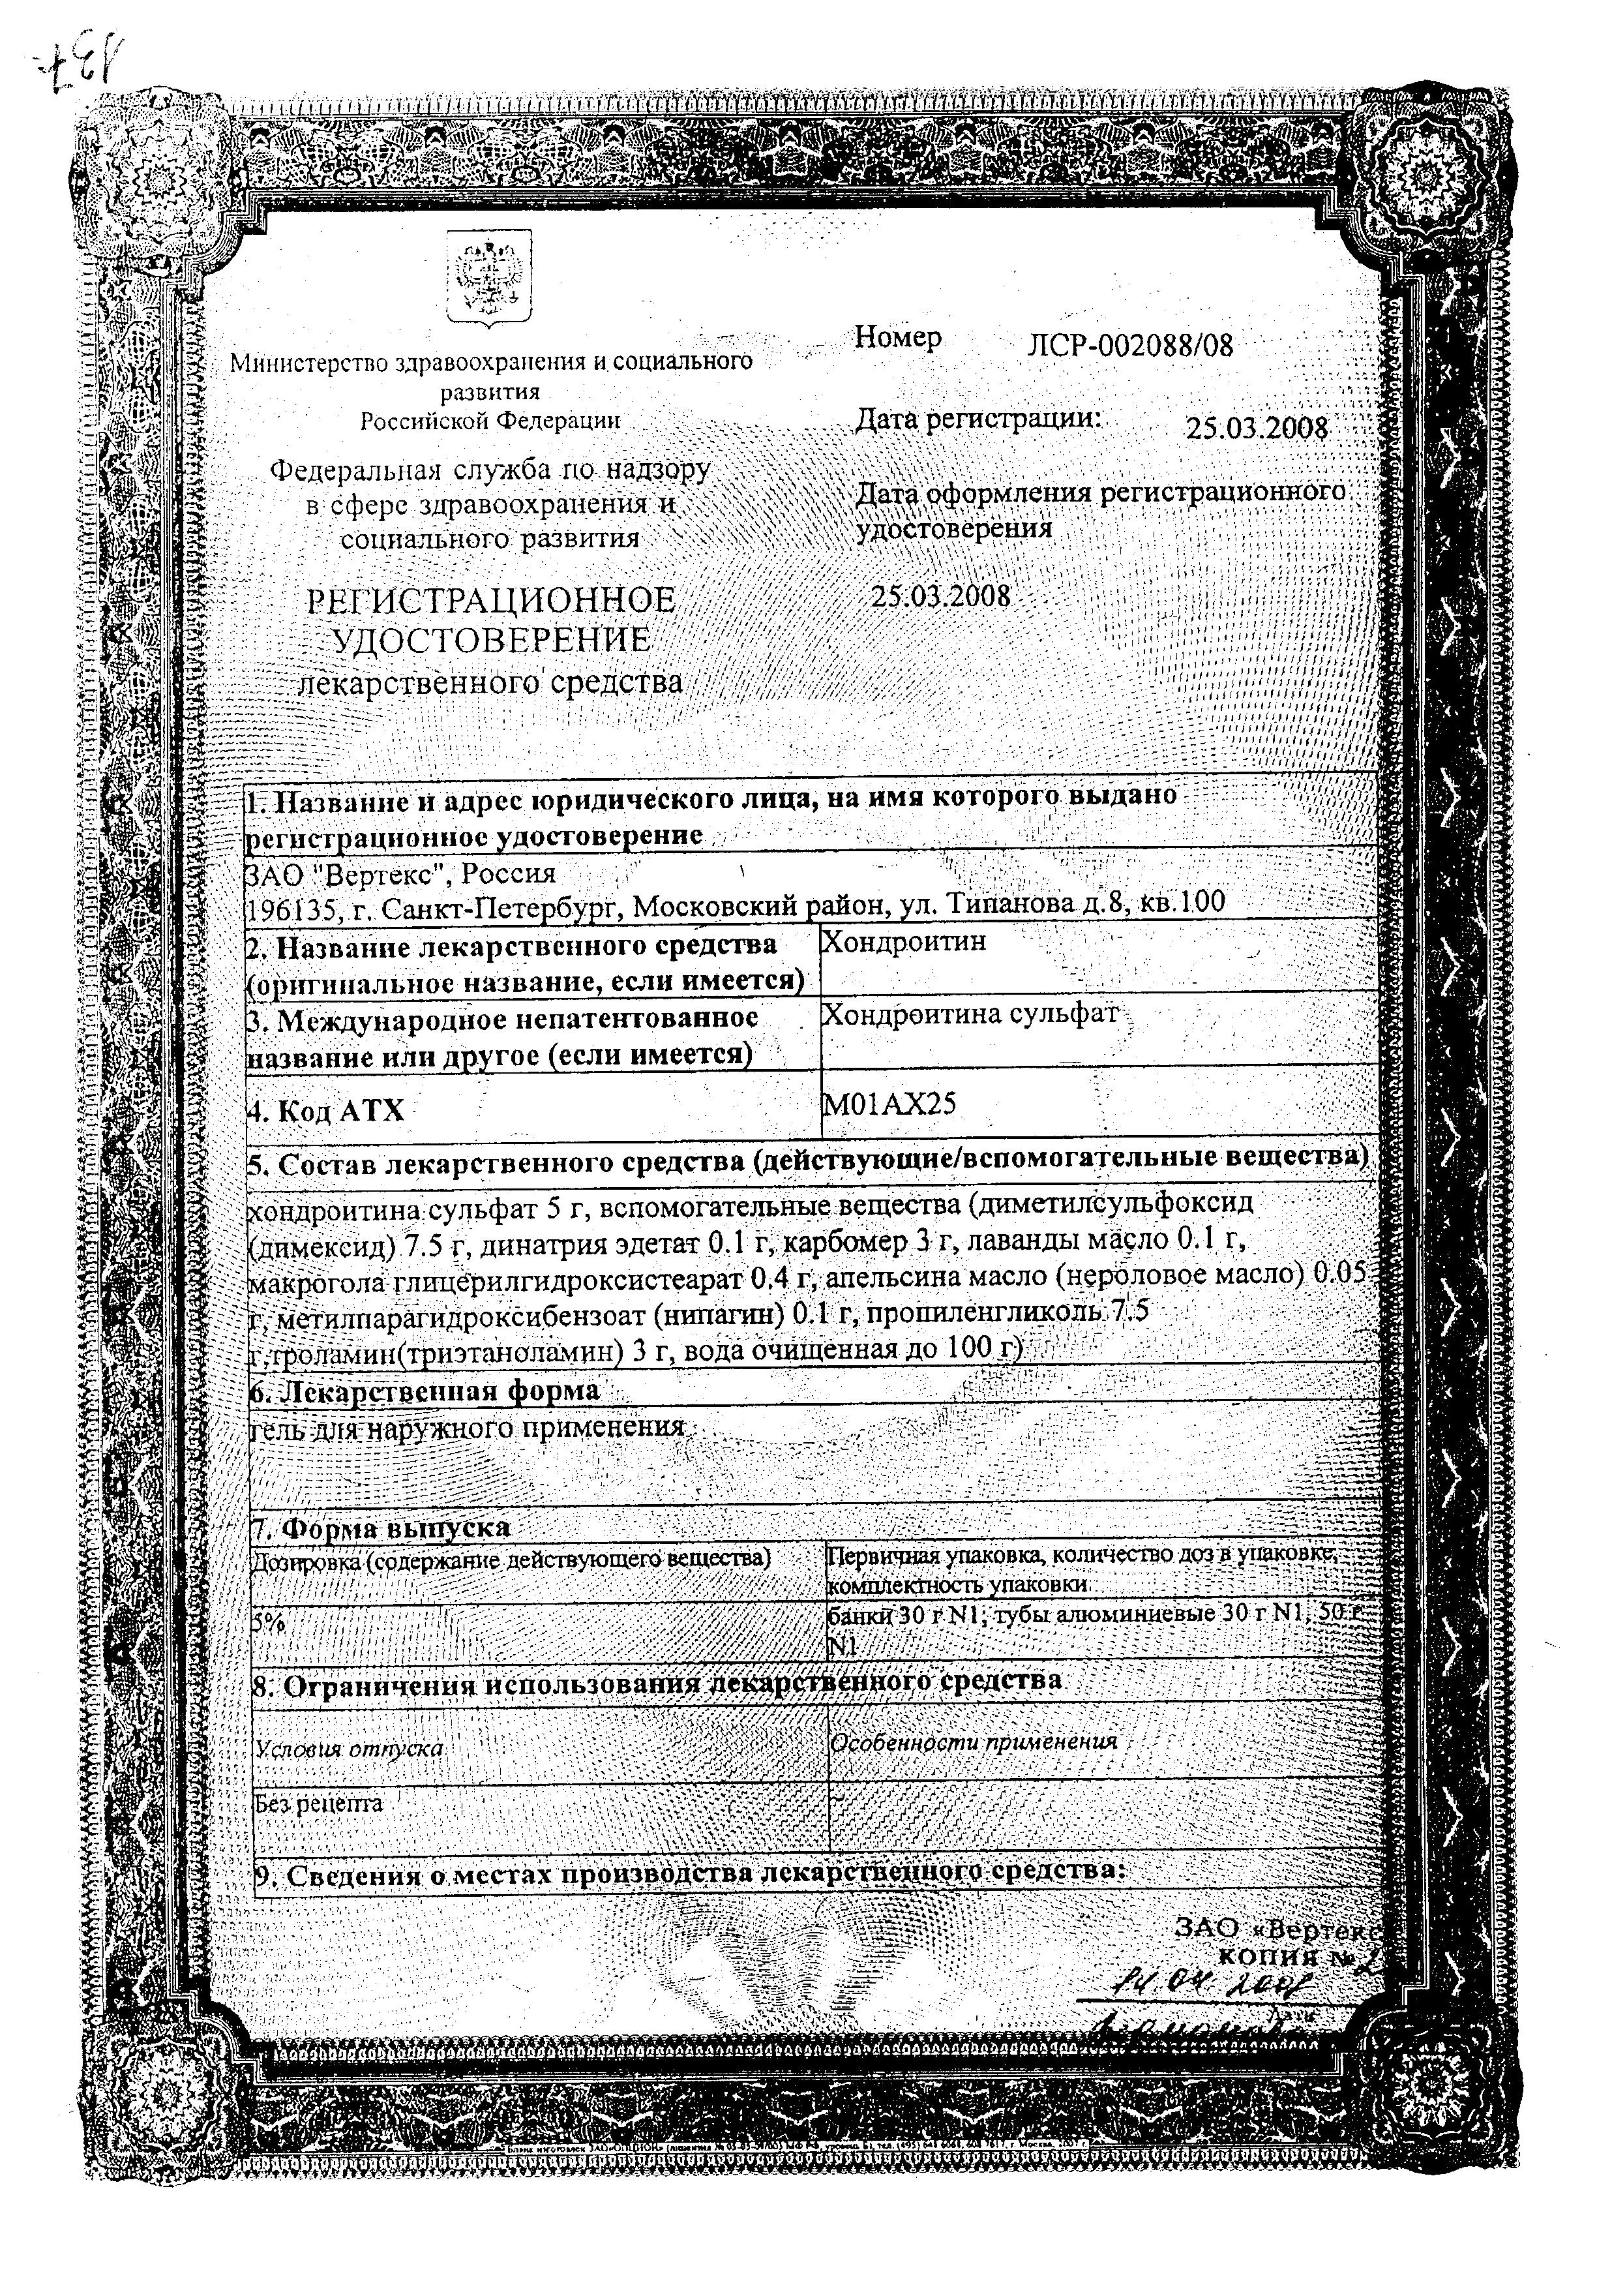 Хондроитин сертификат